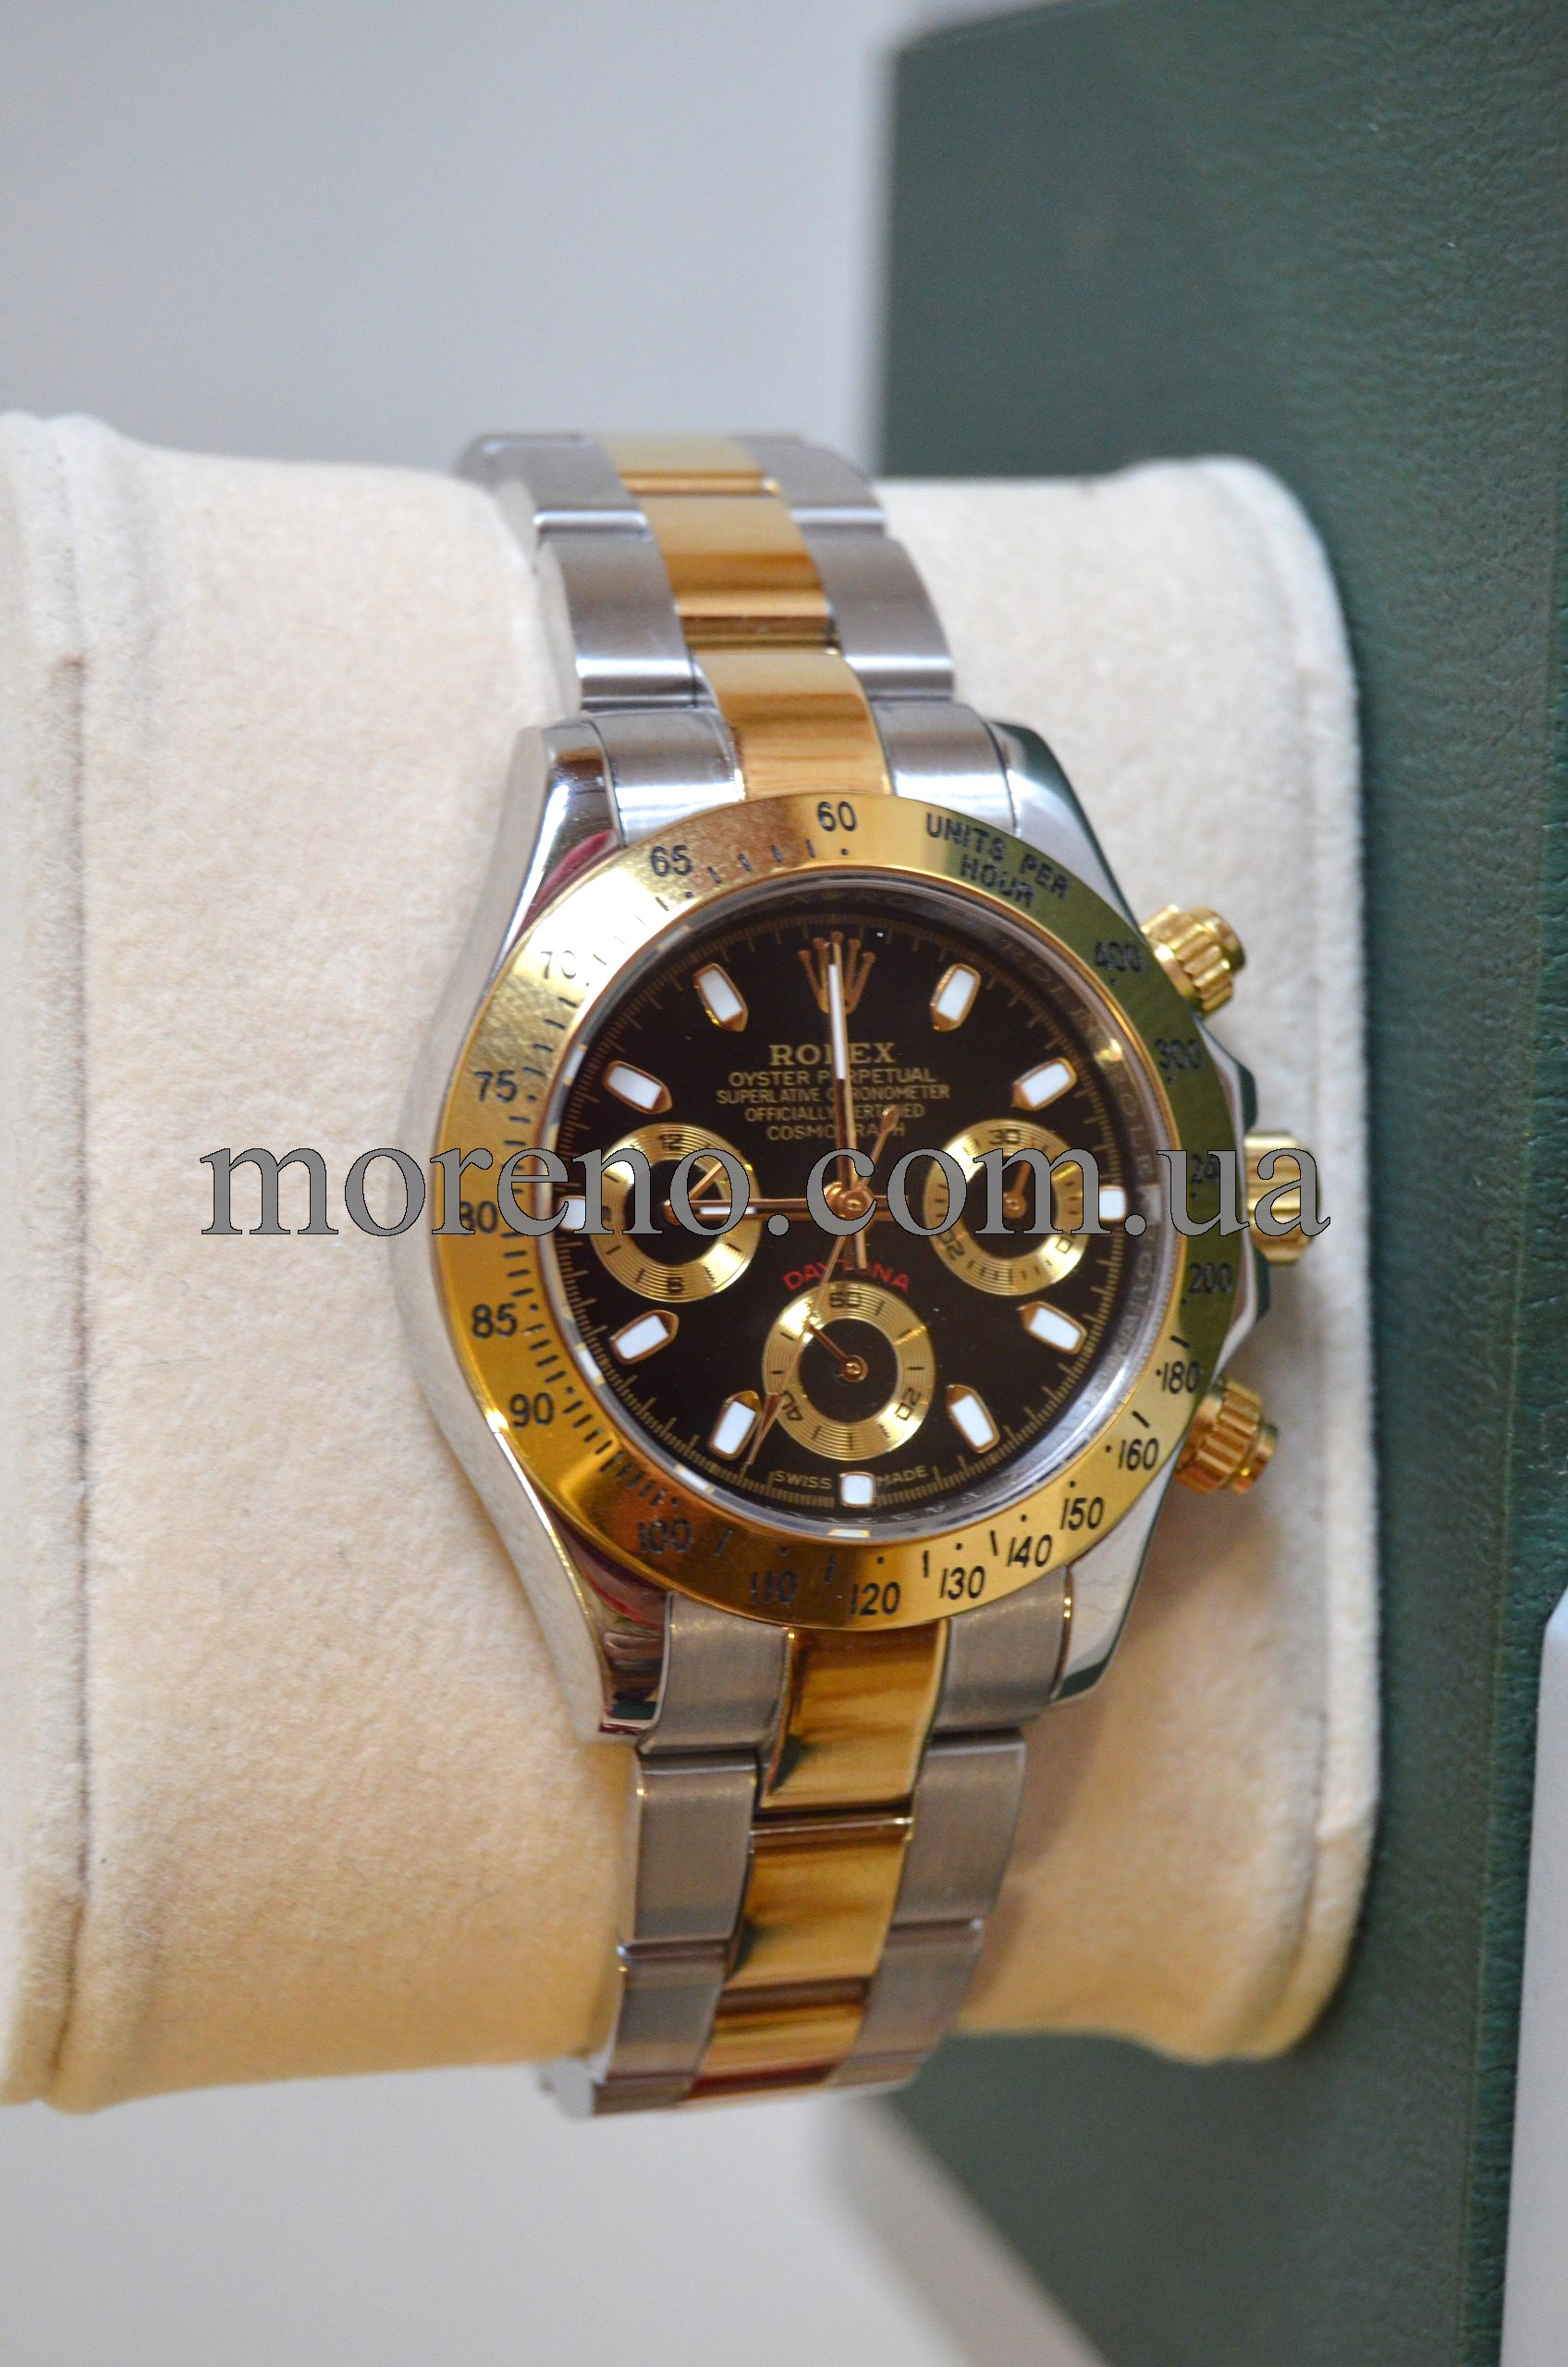 Женские часы ролекс фото